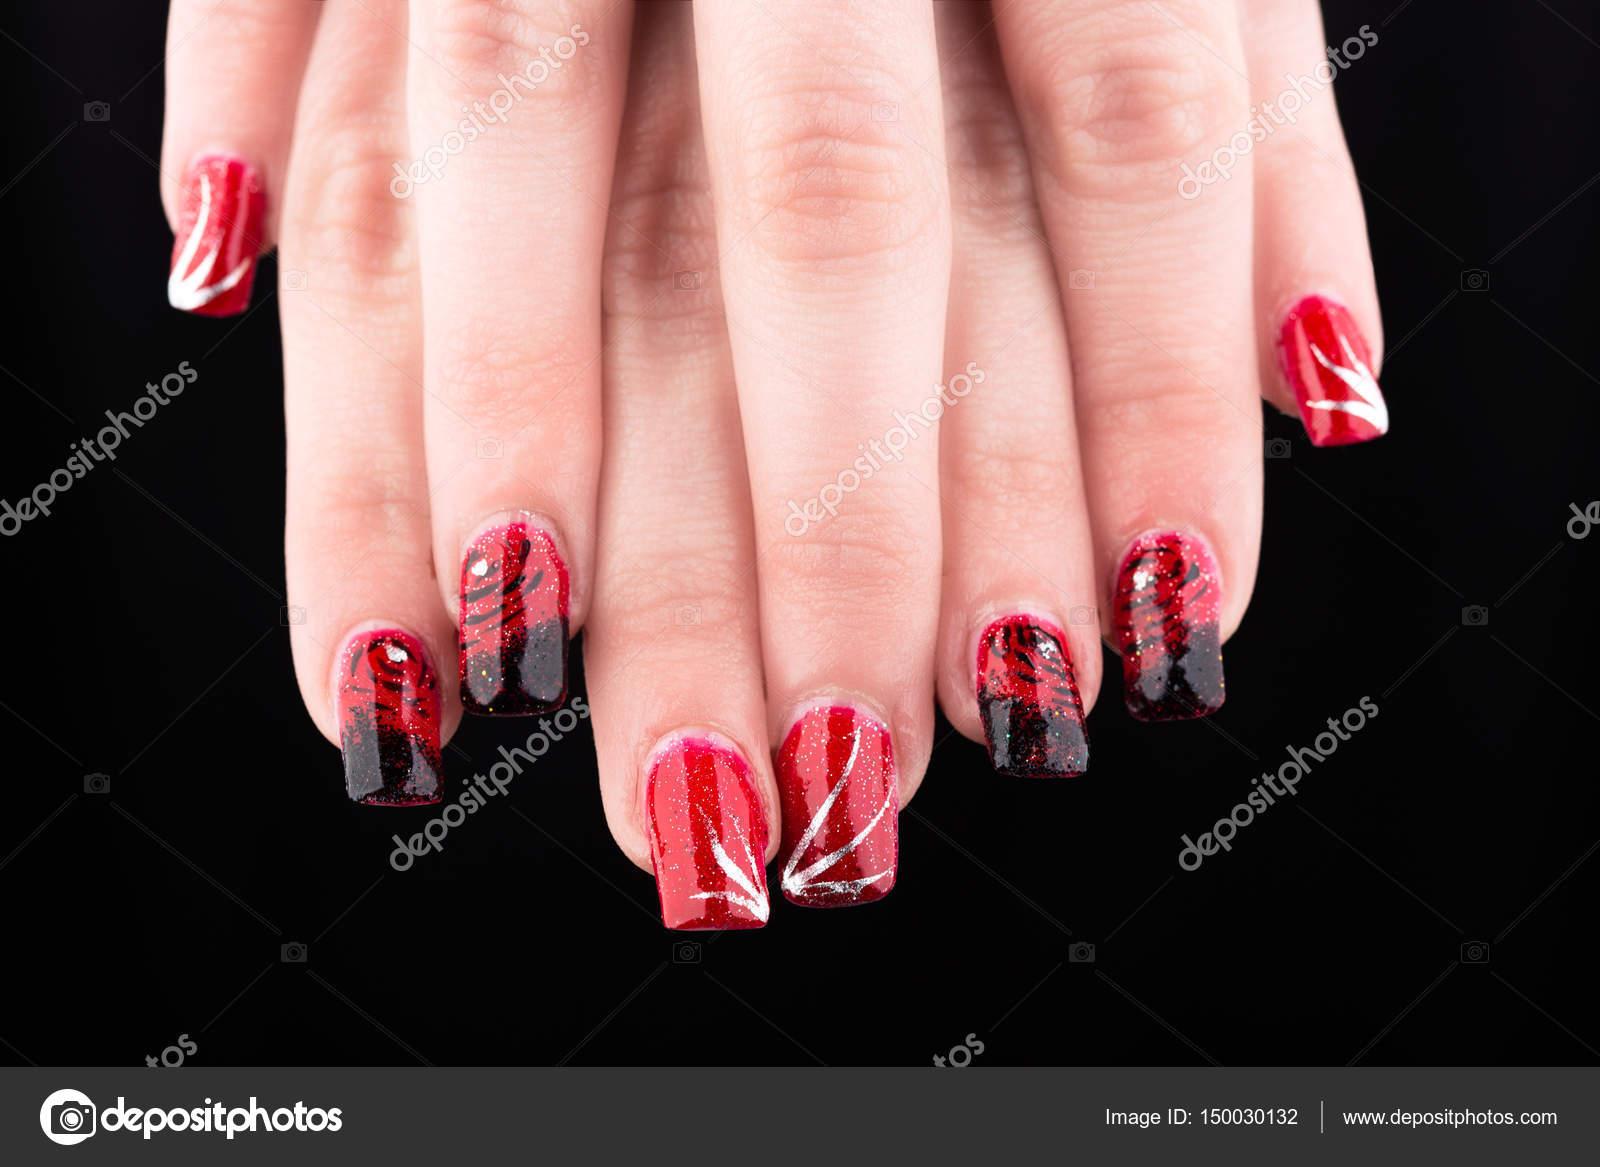 gemalte Muster auf die Nägel der Hände — Stockfoto © fotomark #150030132